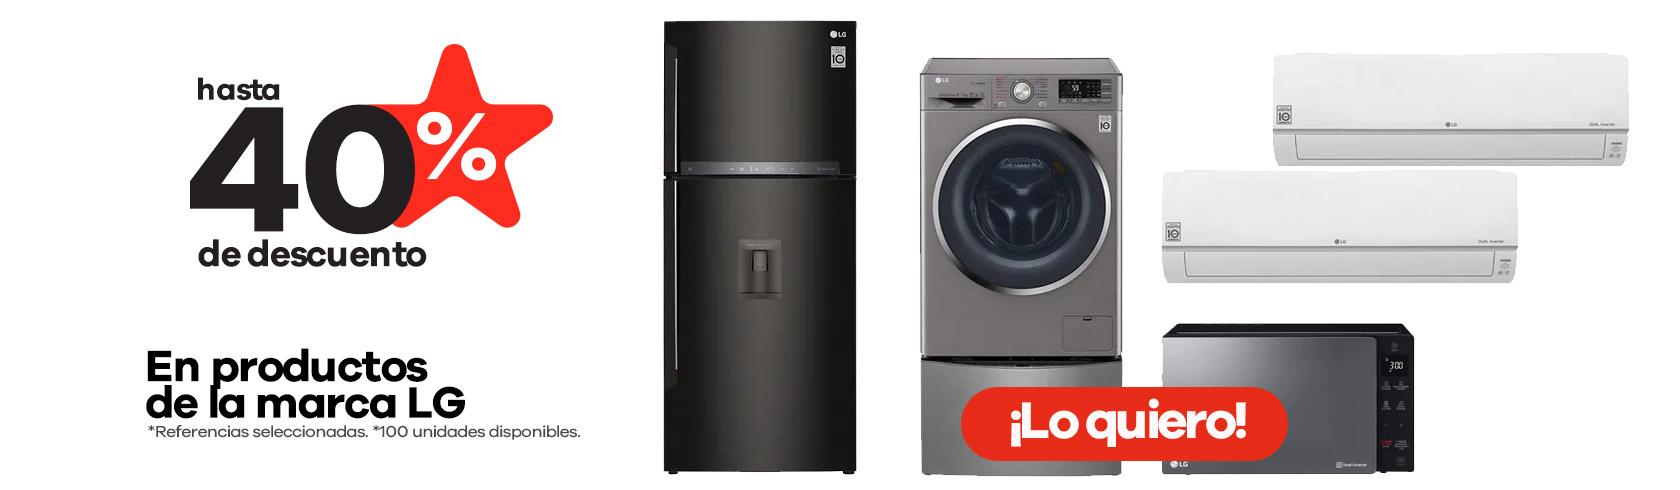 Productos de la marca LG